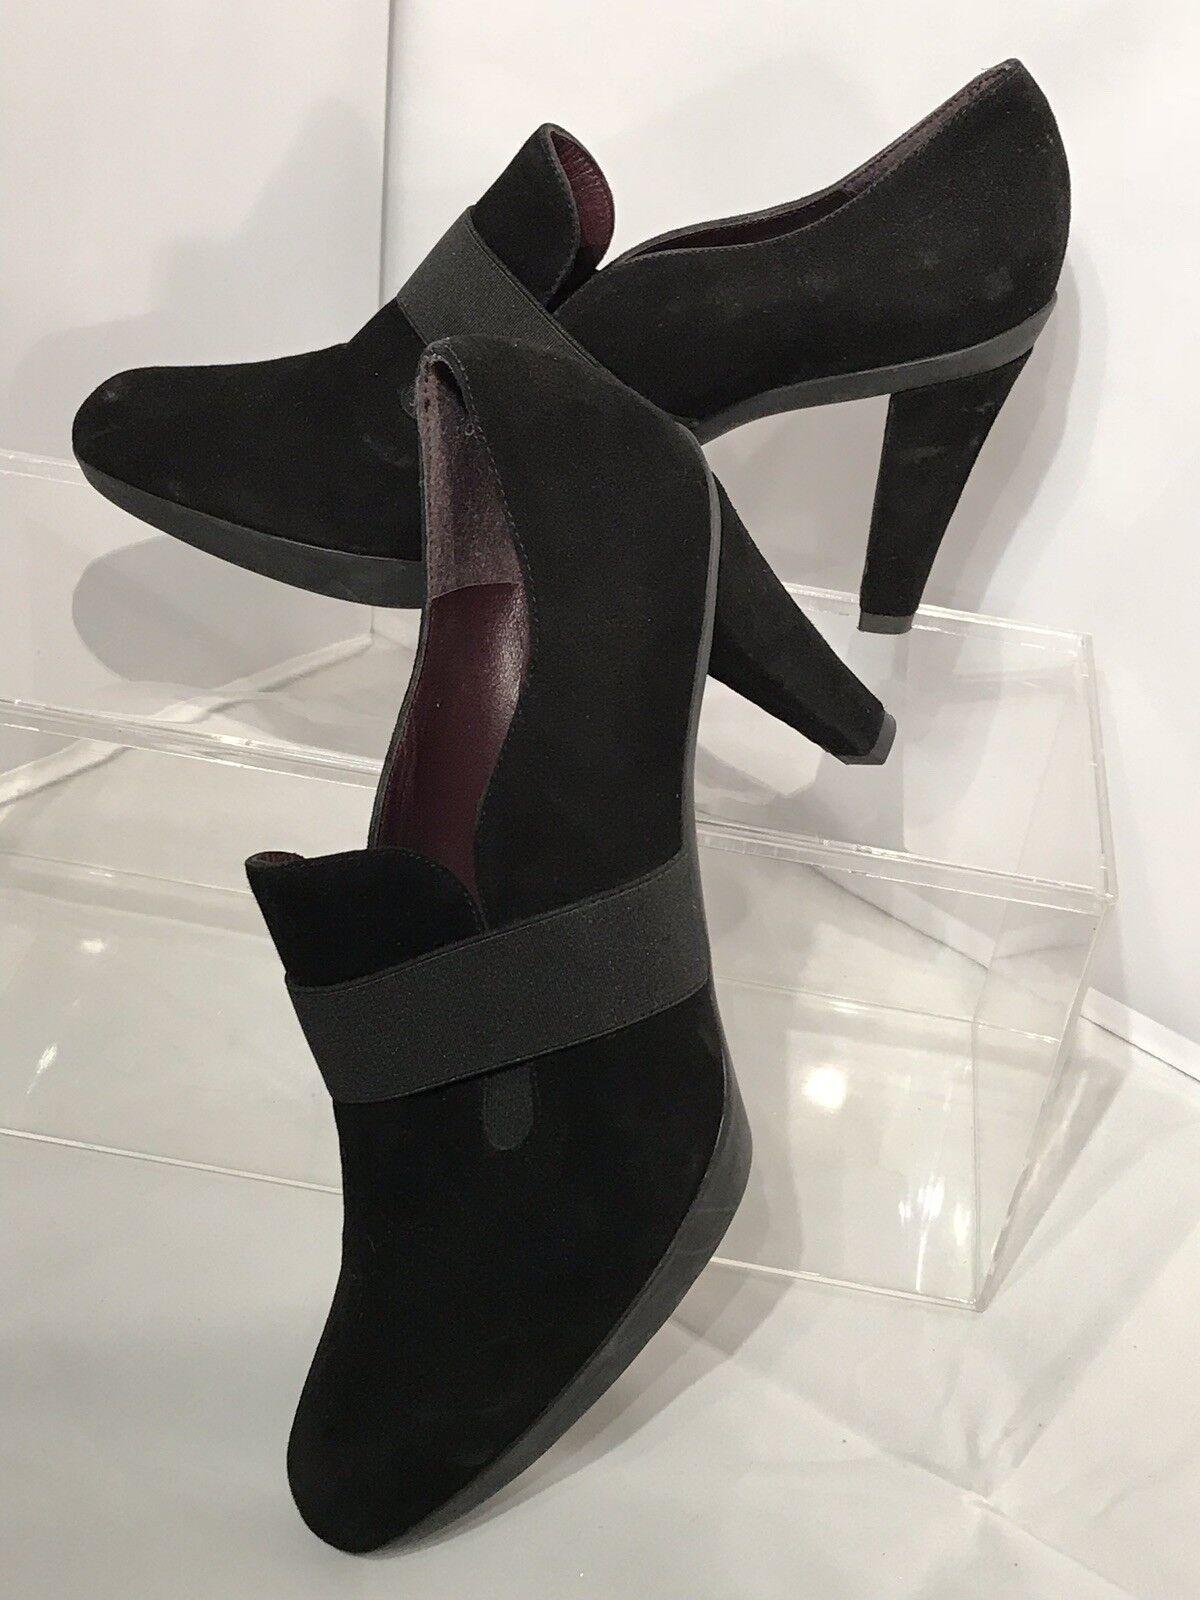 Stuart Weitzman shoes Moc Toe Heels Pumps Black Suede Leather Size  9 NWOB